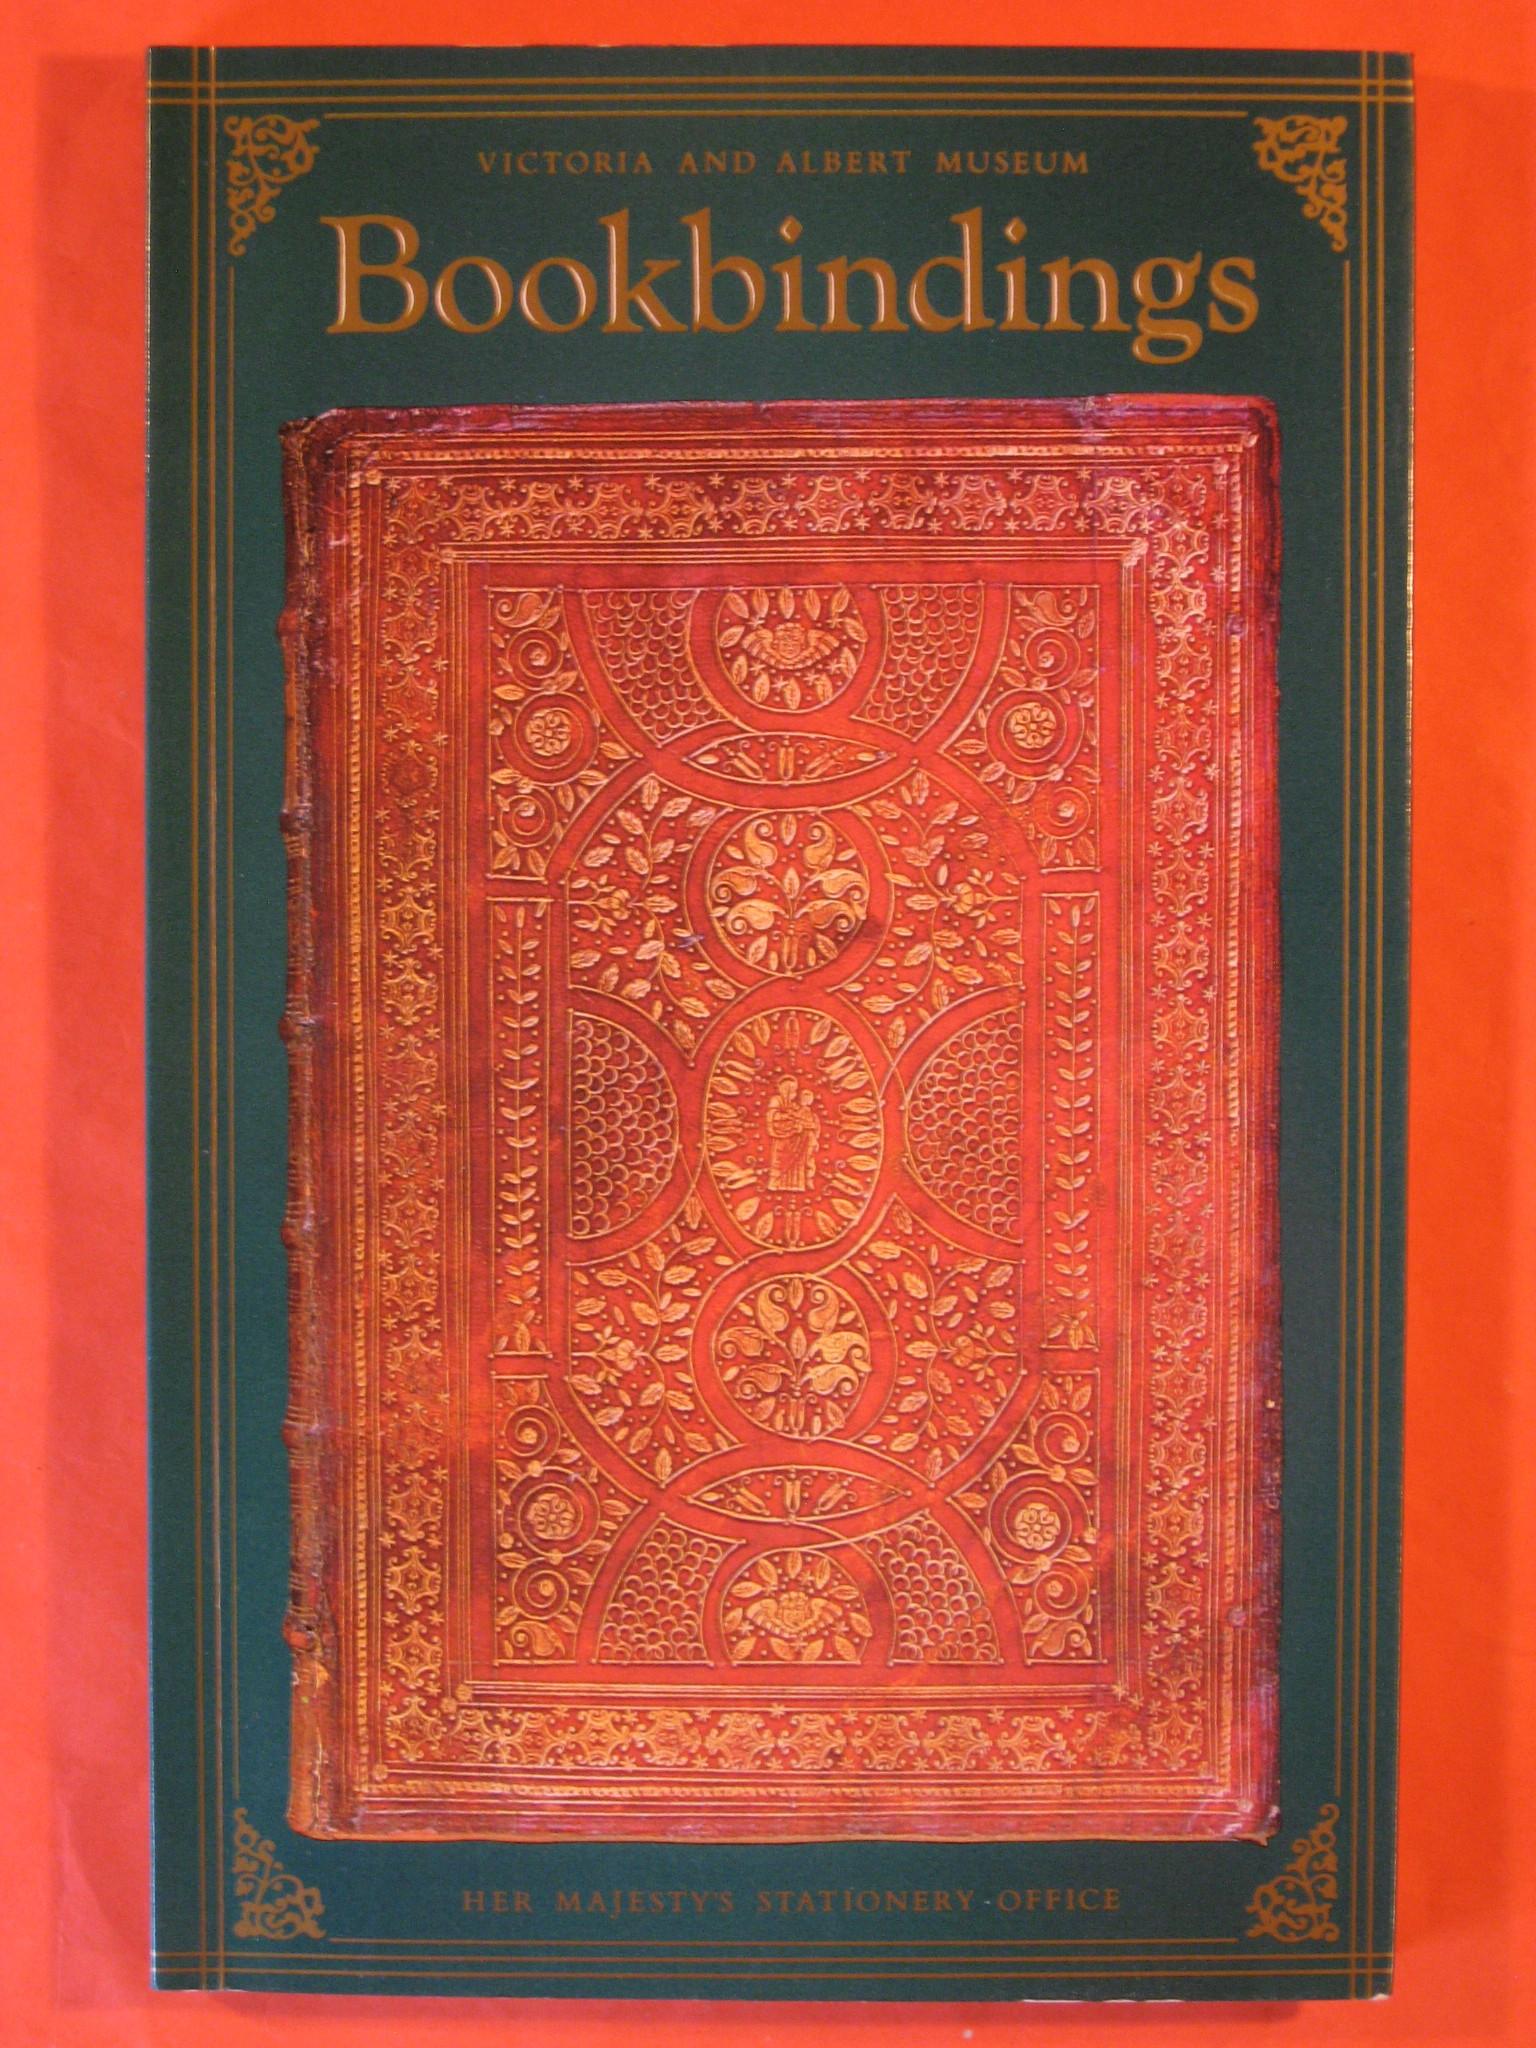 Bookbindings, John P. Harthan